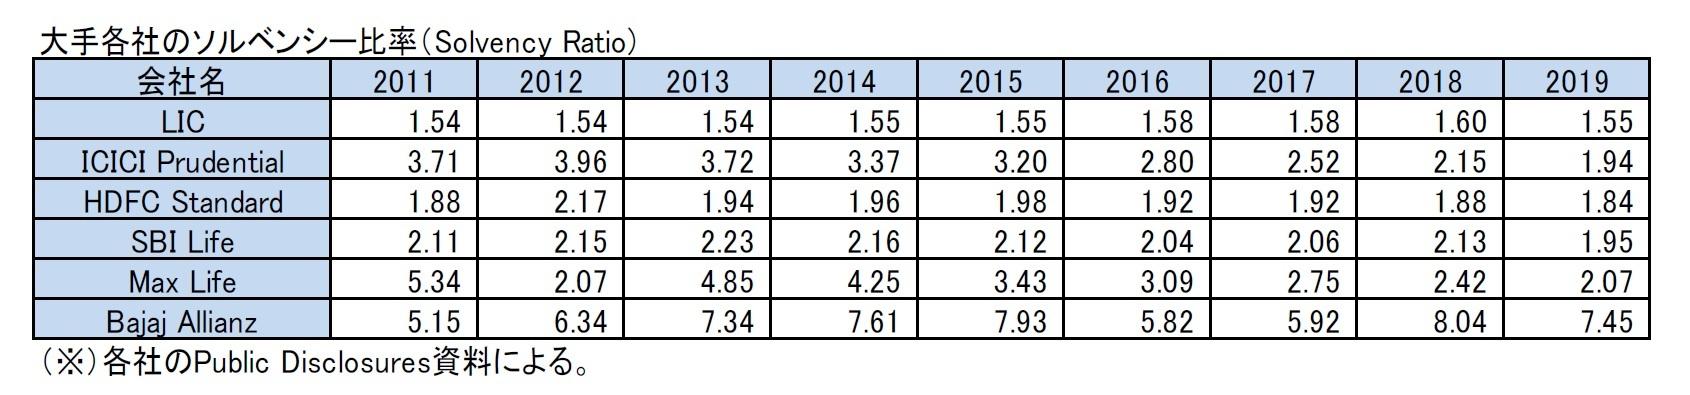 大手各社のソルベンシー比率(Solvency Ratio)